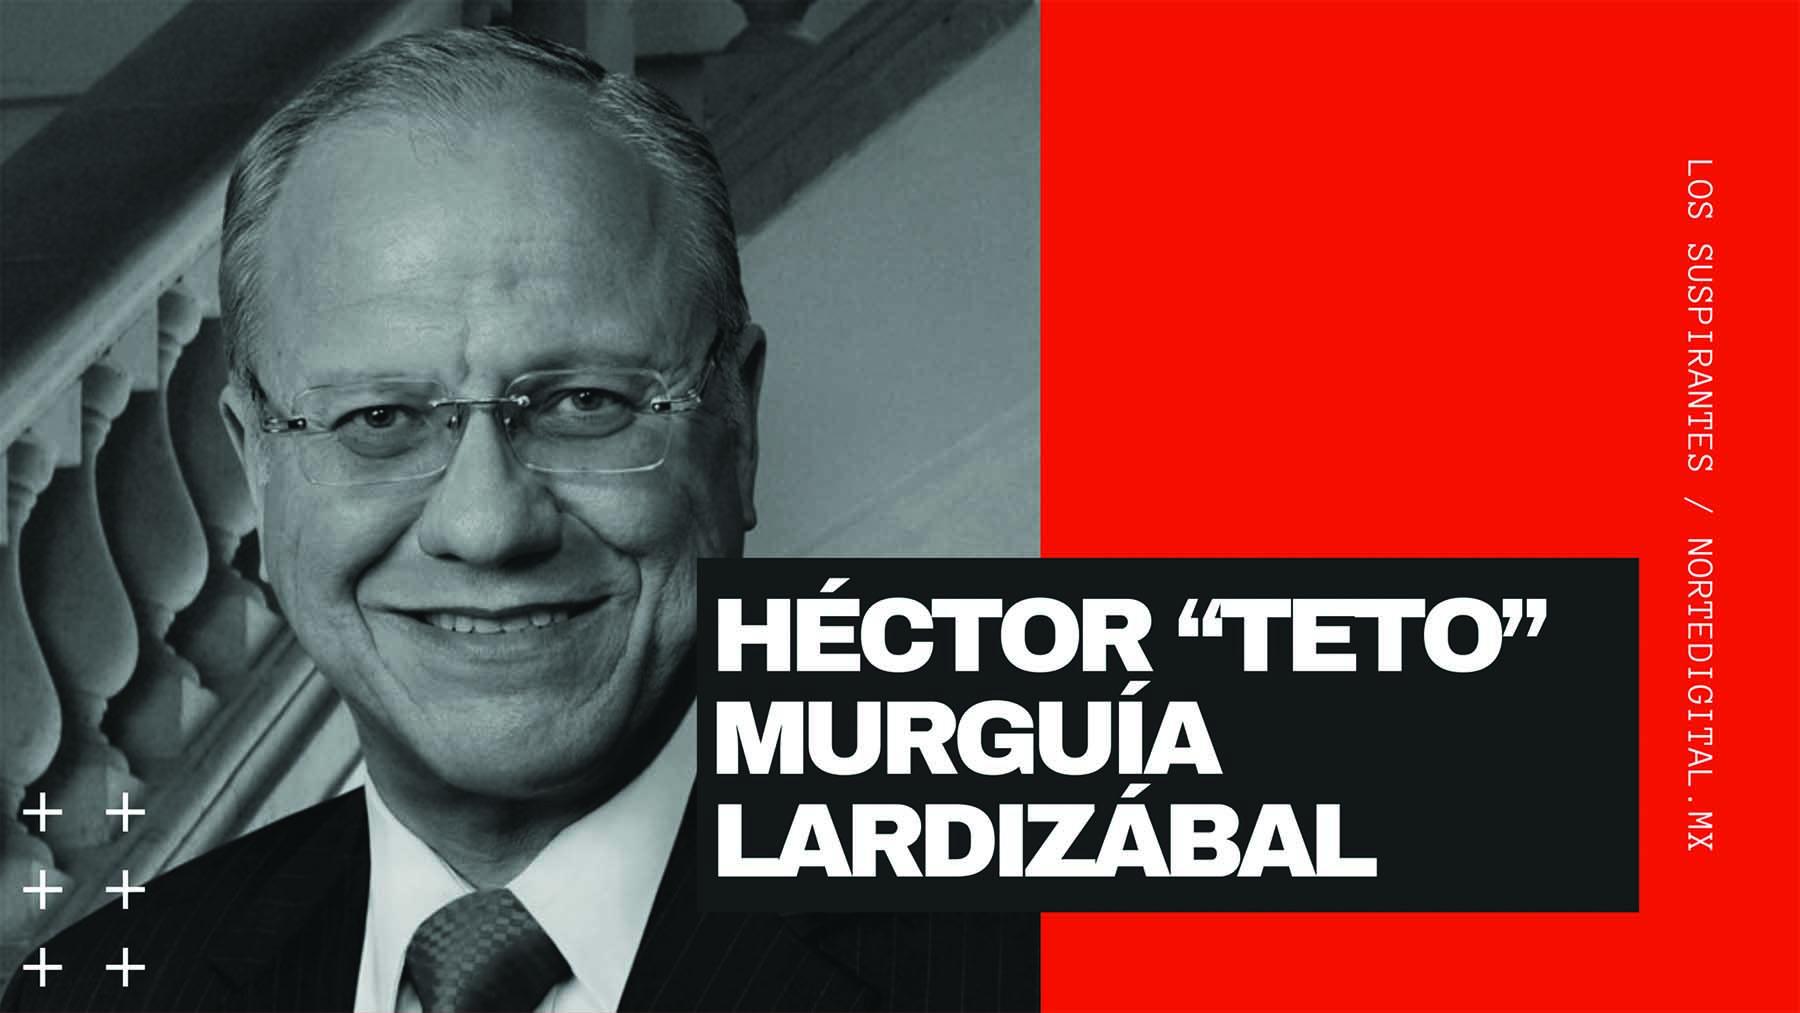 Teto Murguía